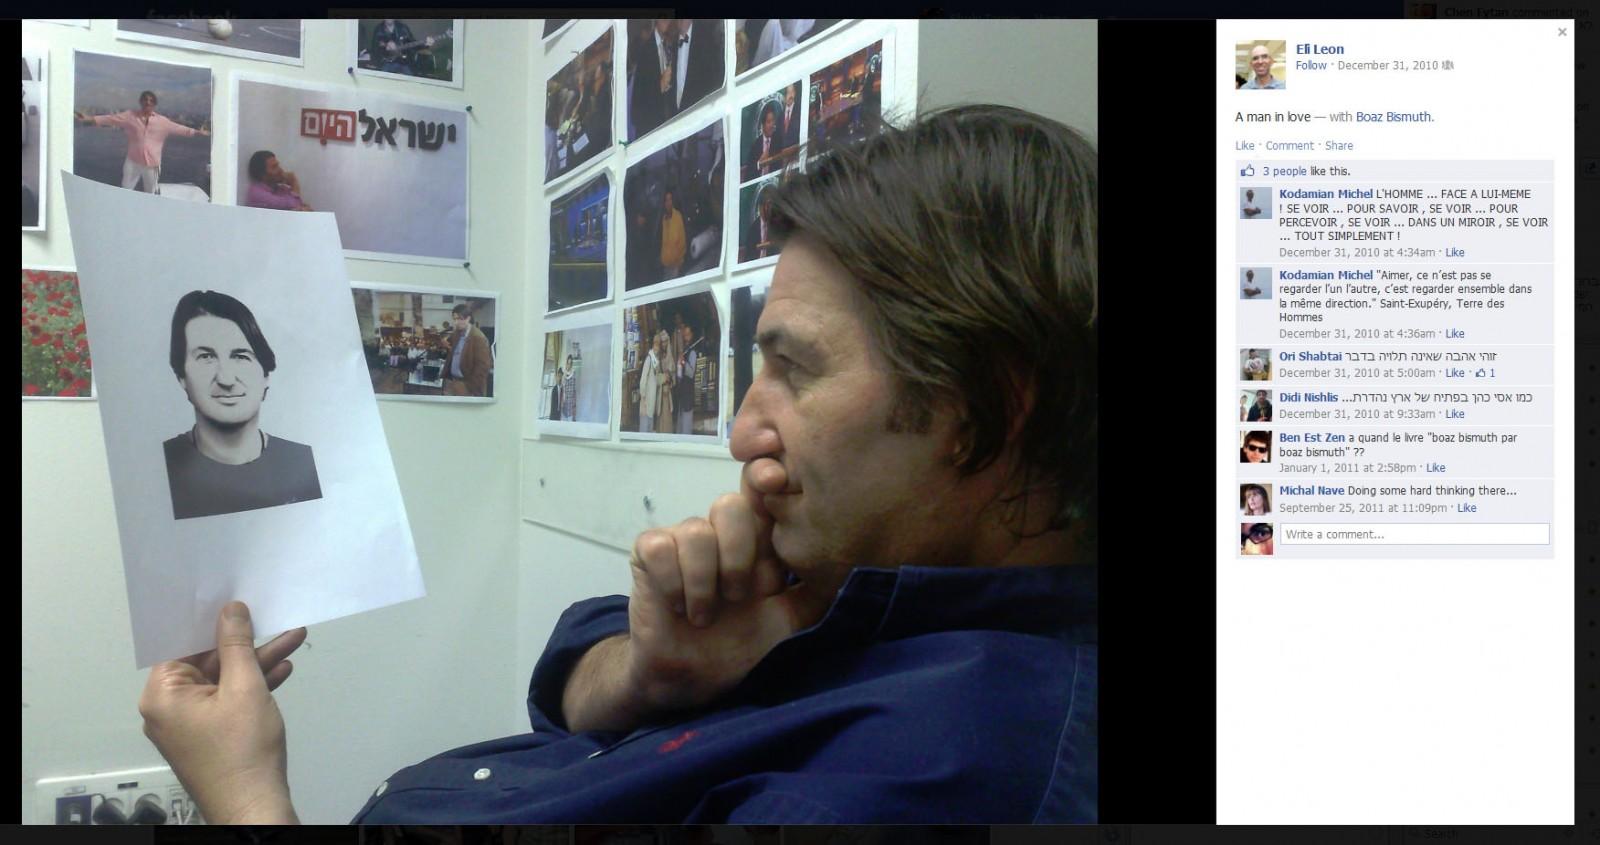 בועז ביסמוט מסתכל בבועז ביסמוט, מתוך חשבון הפייסבוק של אלי לאון (צילום מסך)